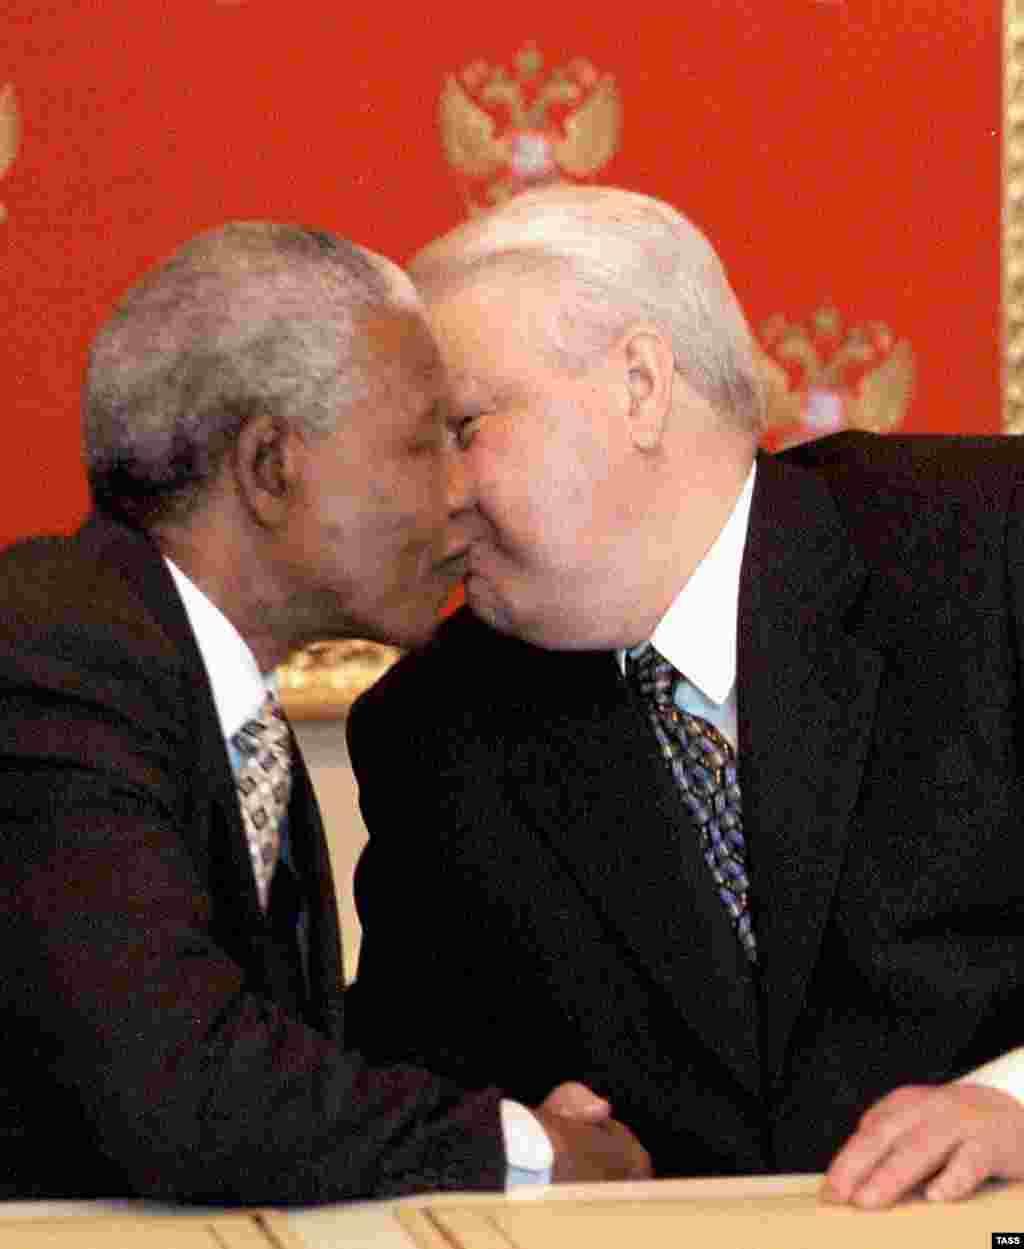 Борис Ельцин целует Нельсона Манделу во время его визита в Москву в 1999 году